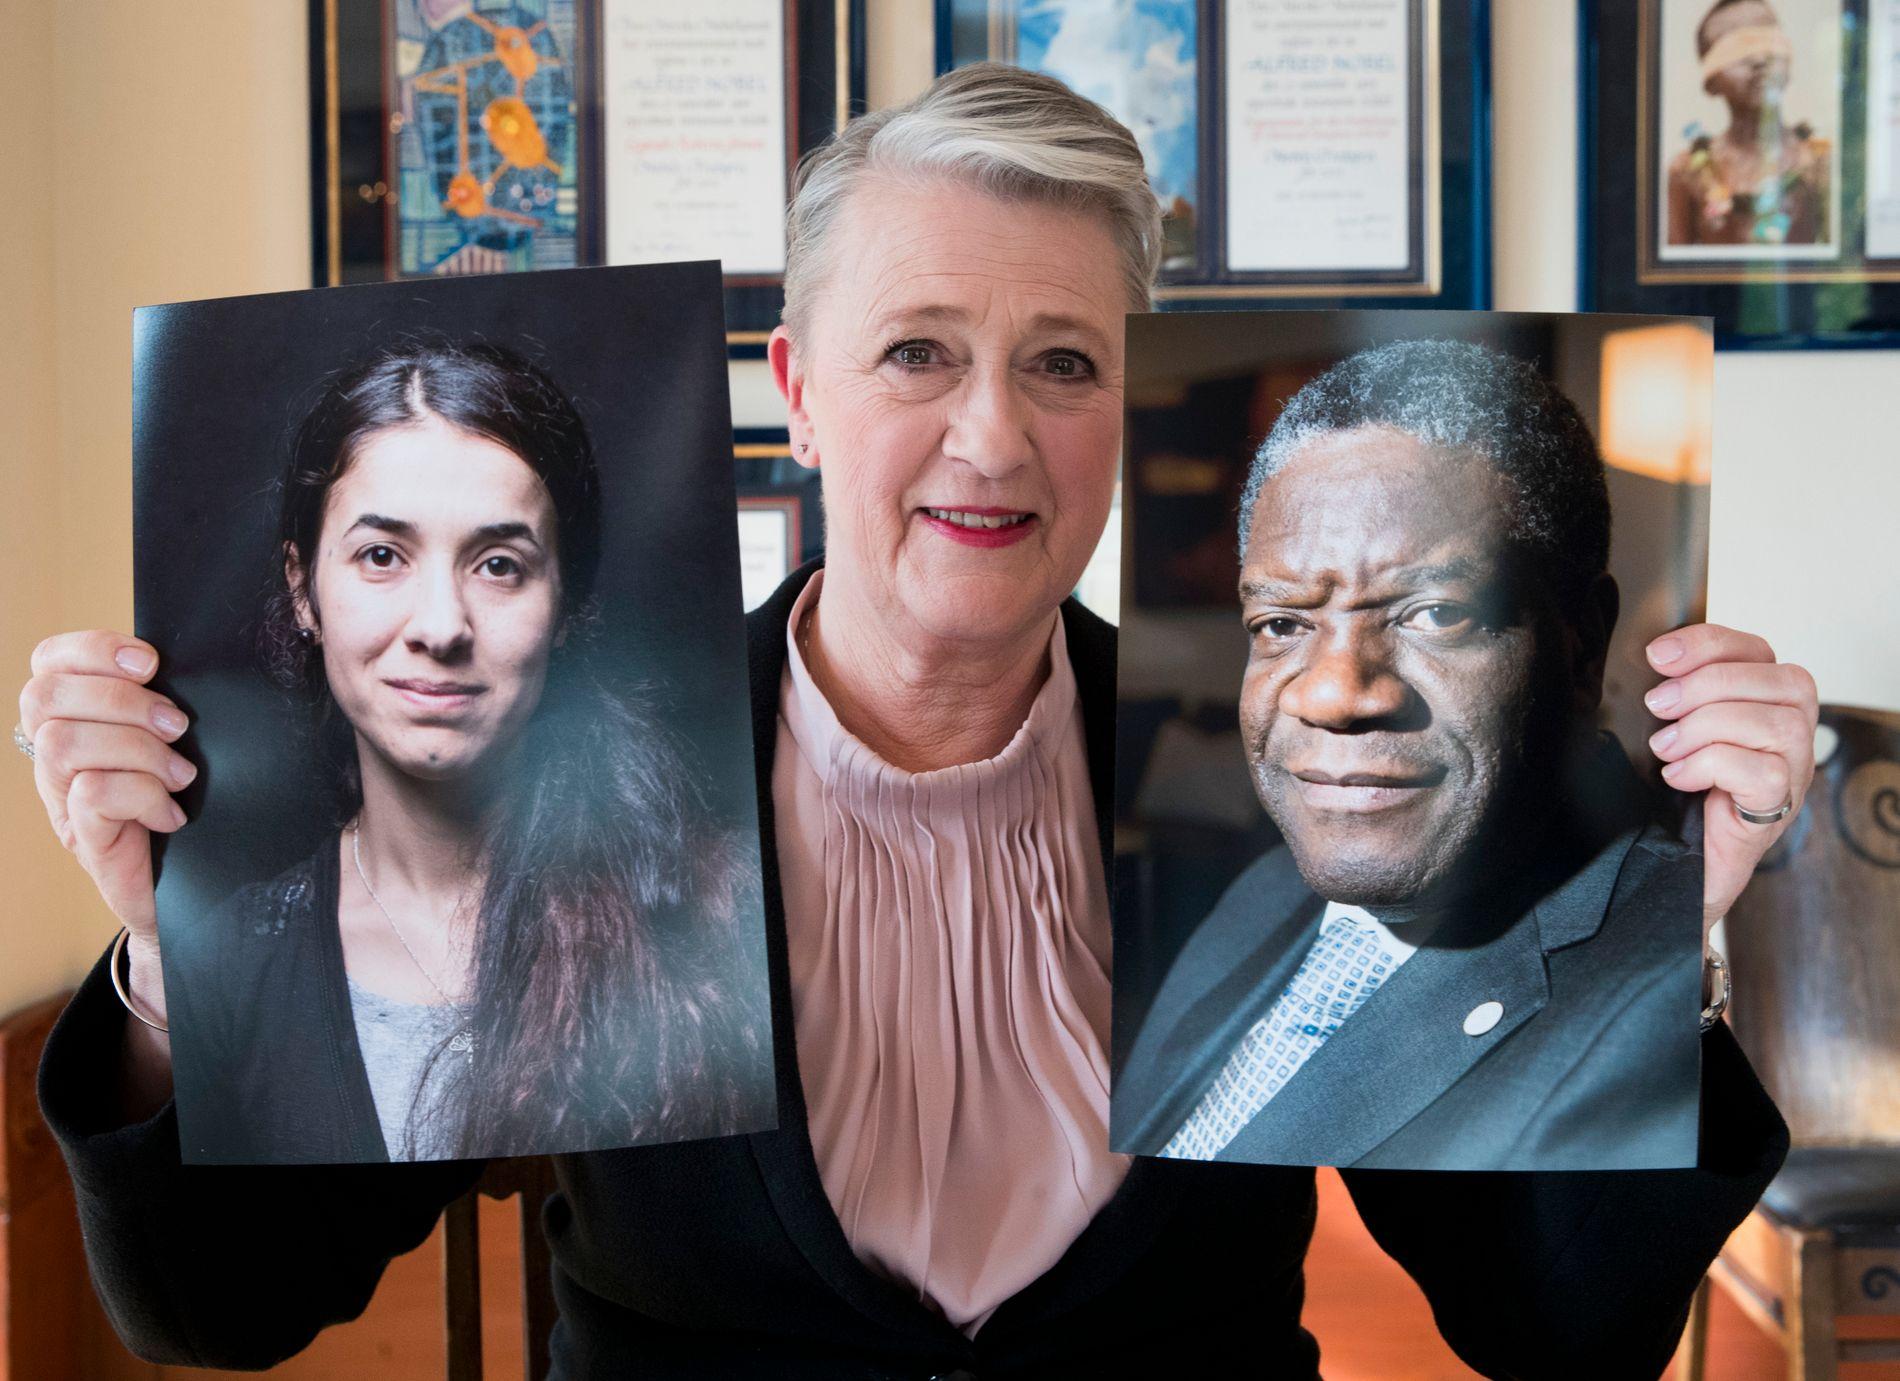 FREDSPRIS: Nobelkomiteens leiar, Berit Reiss-Andersen, med bilete av dei to prisvinnarane (f.v.) Nadia Murad og Denis Mukwege.